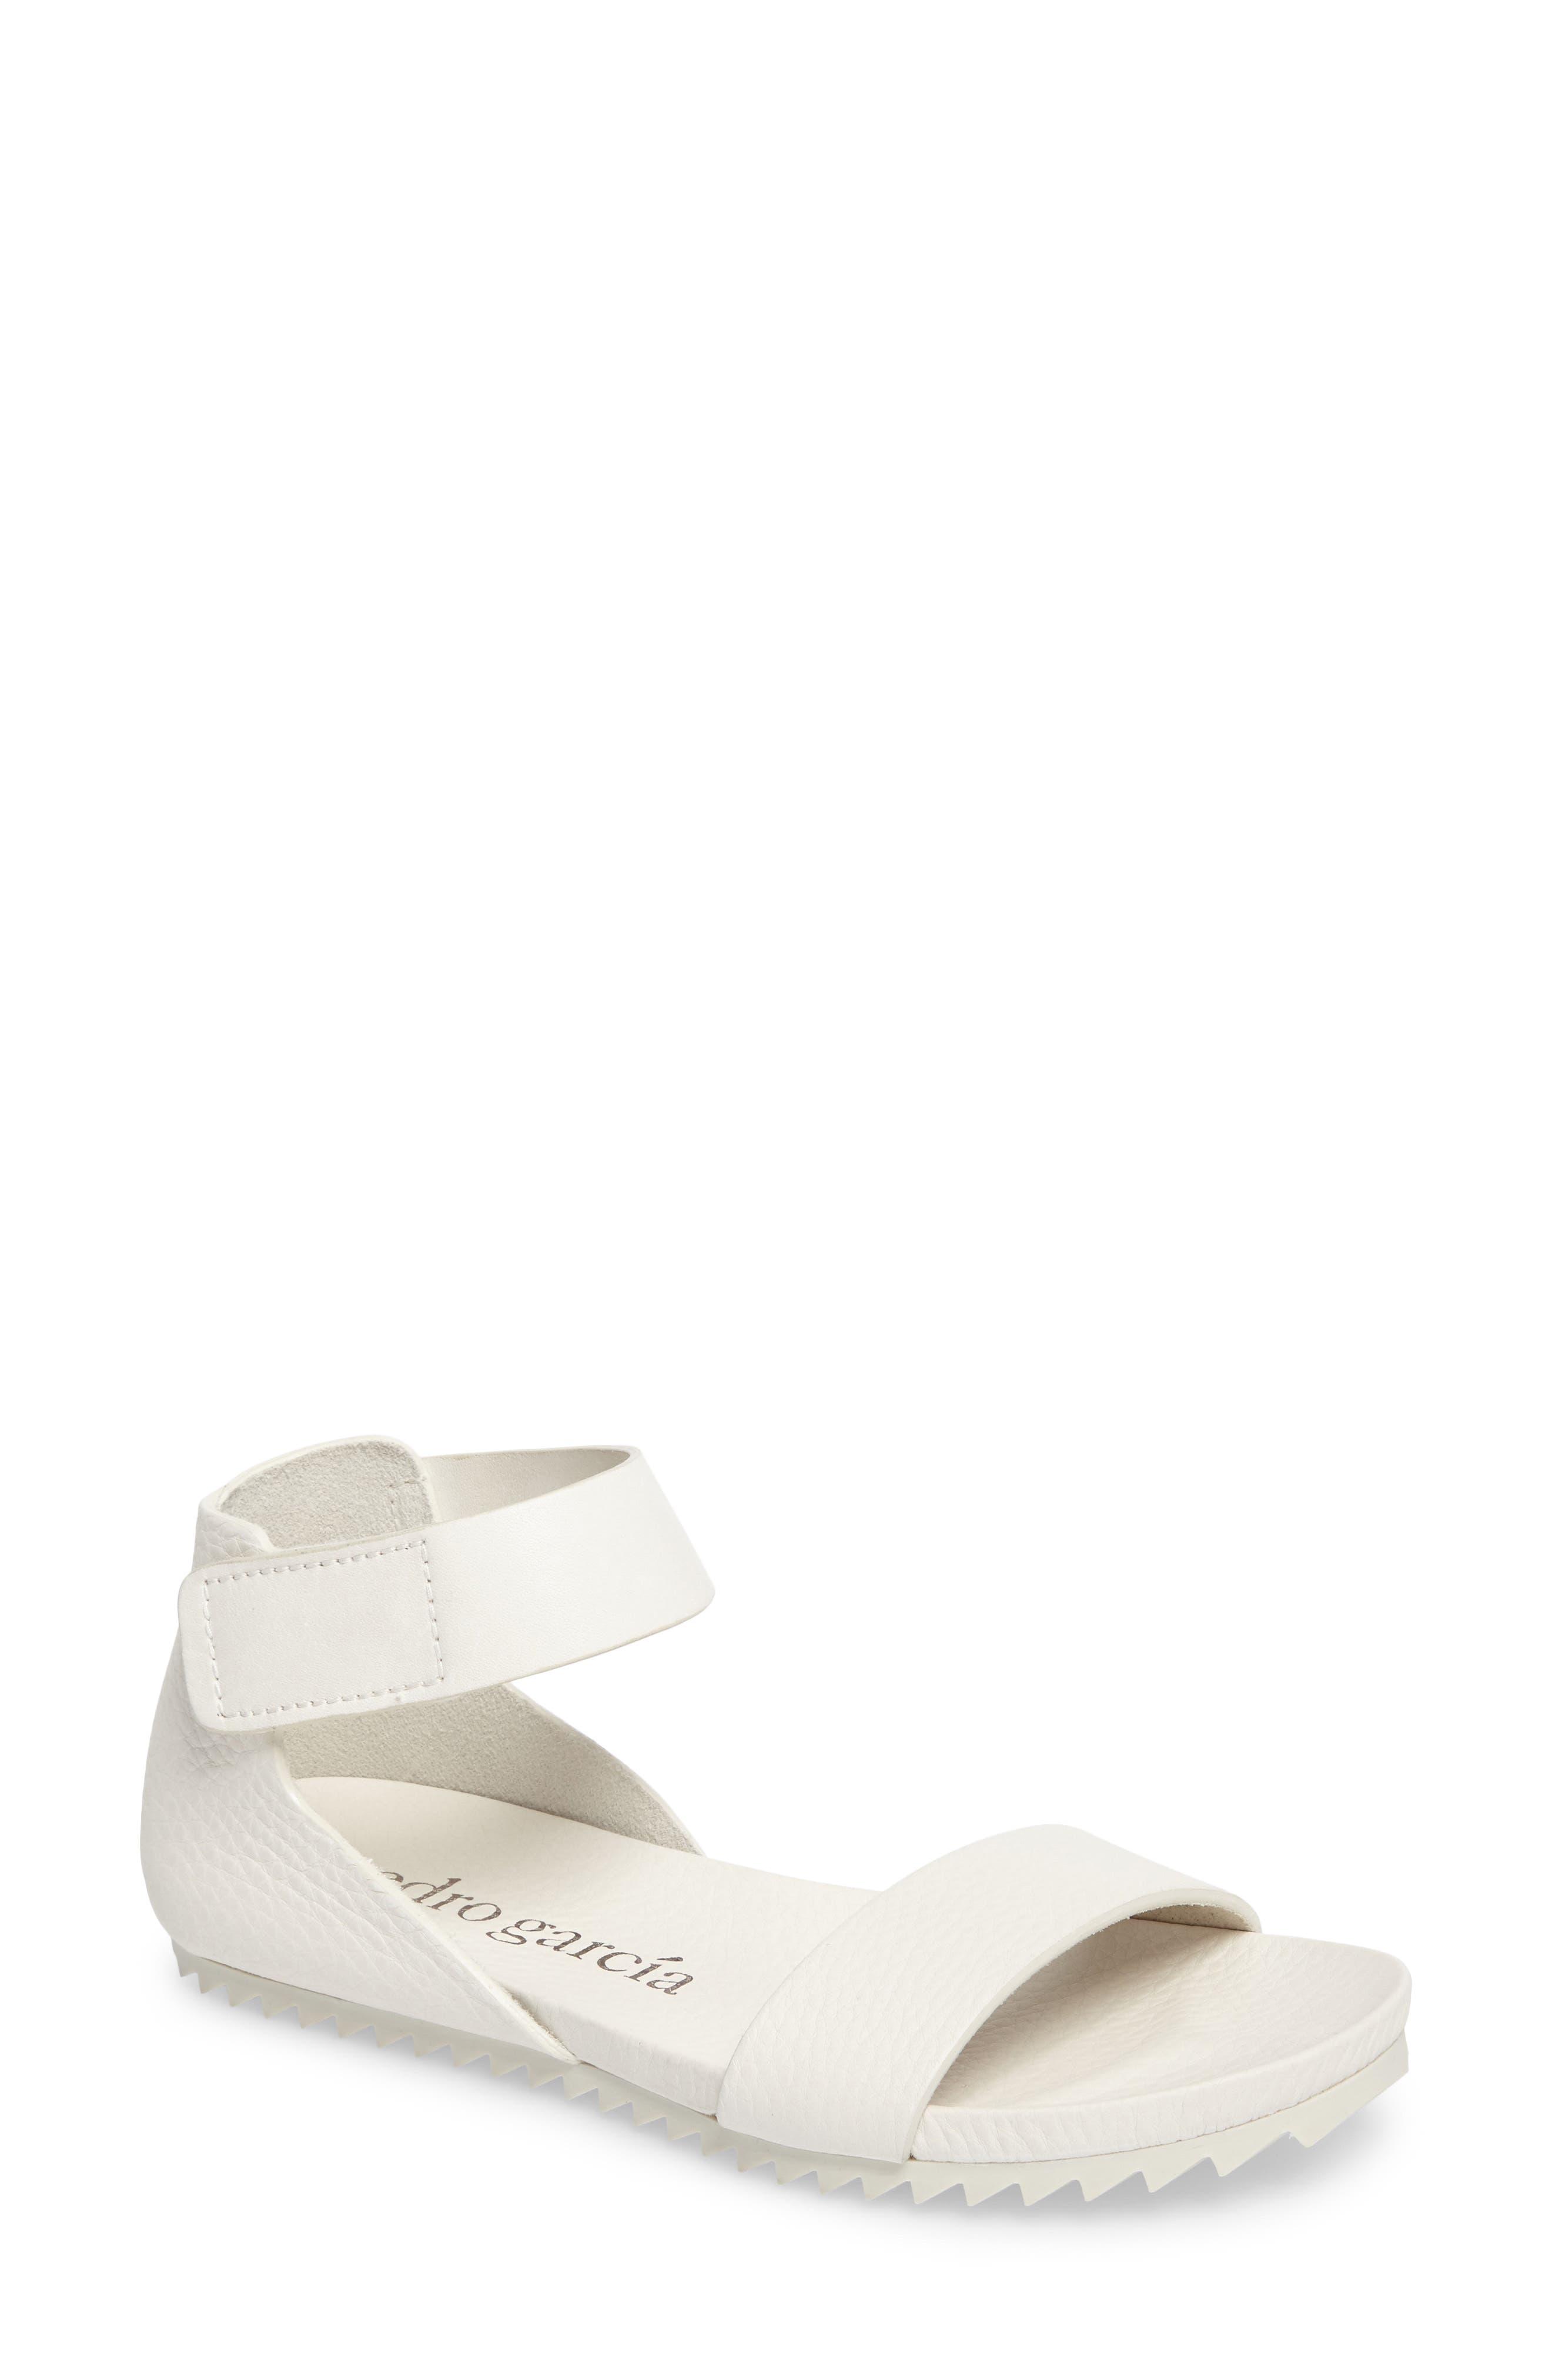 Jalila Ankle Strap Sandal,                         Main,                         color, Chalk Cervo